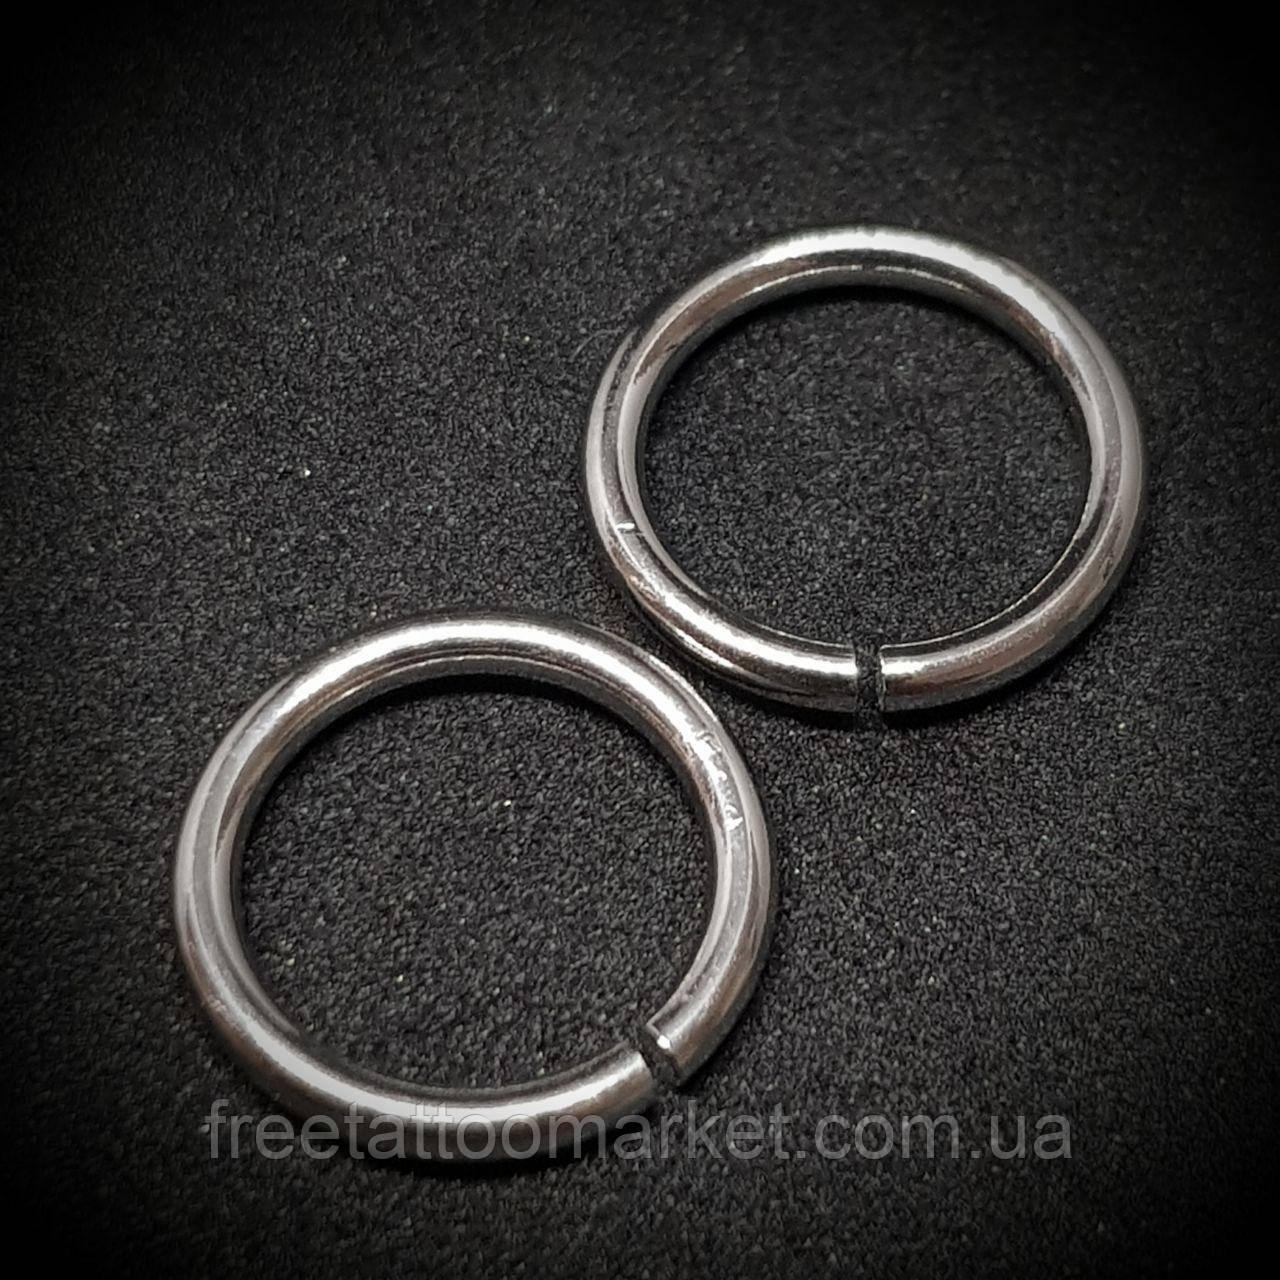 Кольцо с разгибом (сталь) 1.6 х 10мм